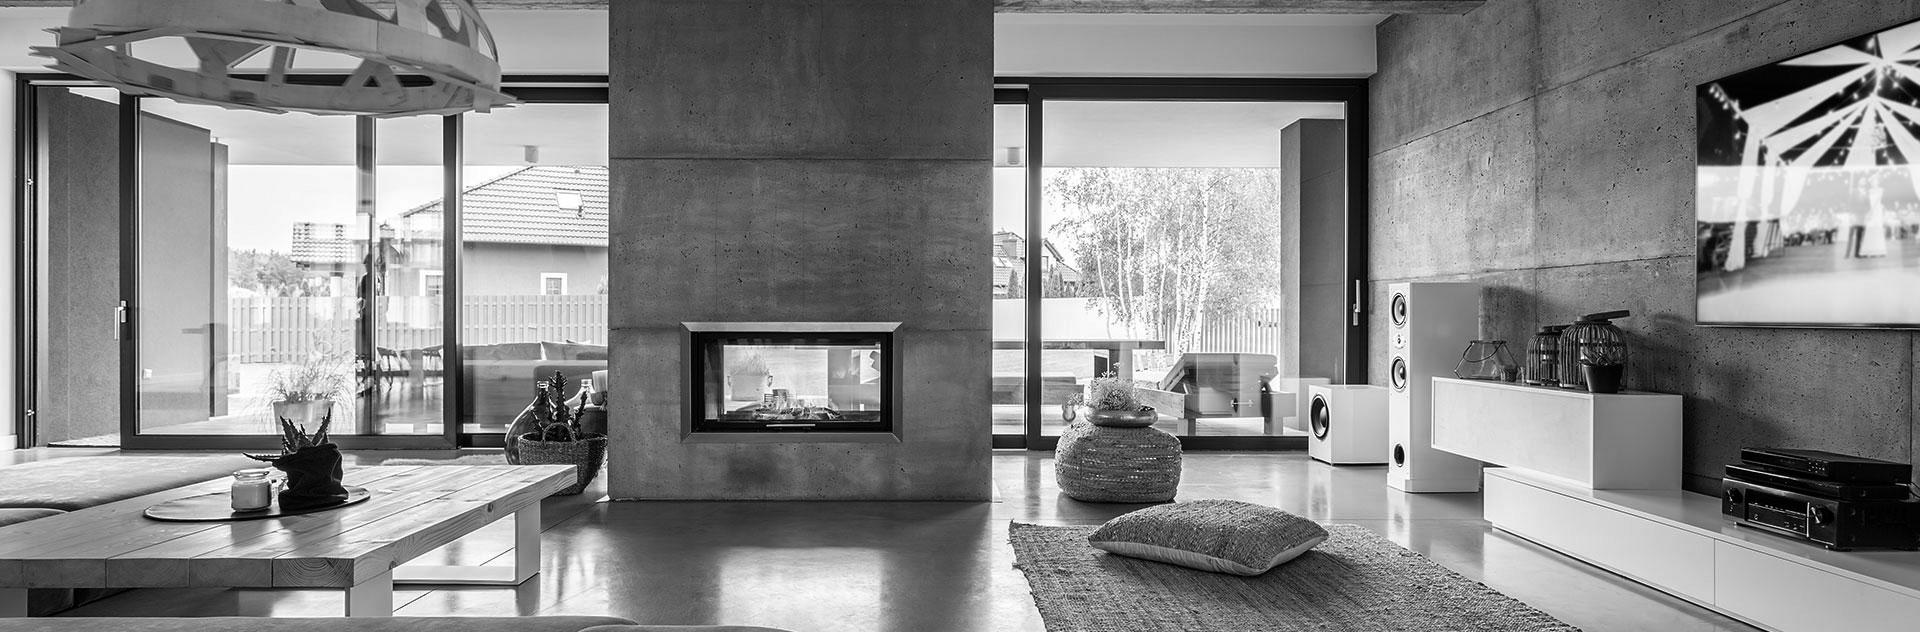 Inmobiliaria Move Servicios Inmobiliarios En Madrid Pisos Venta En